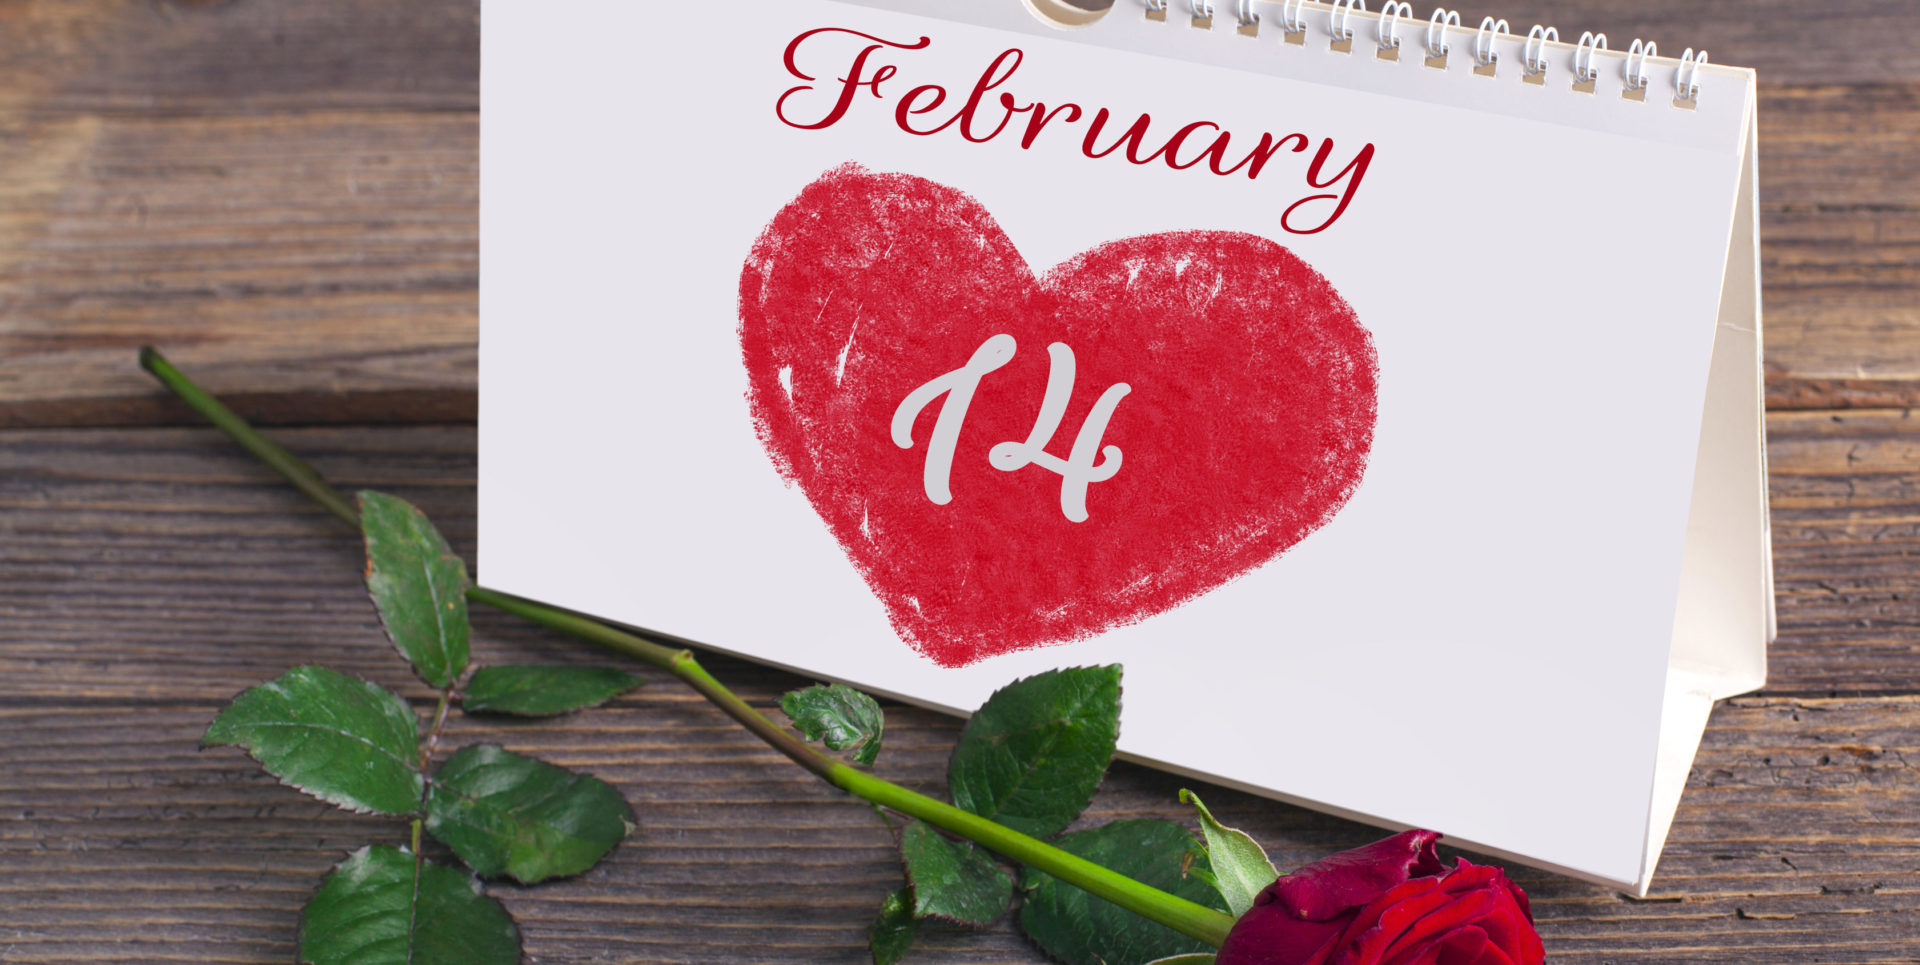 Resultado de imagen para 14 de febrero